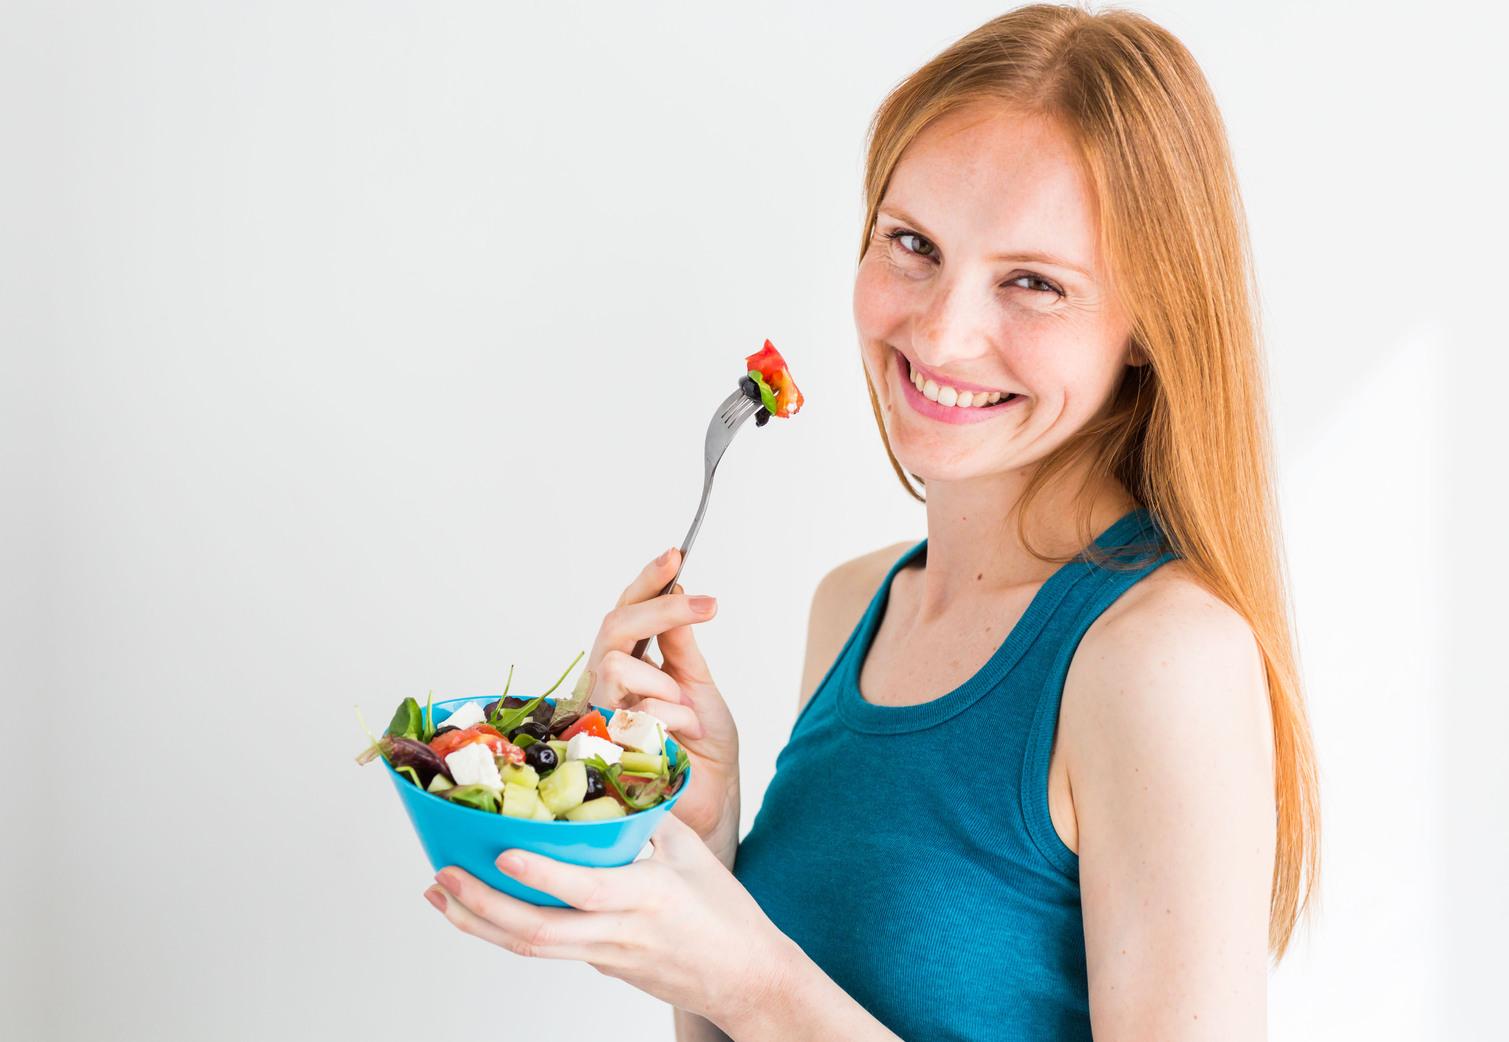 Egészséges táplálkozás - illsuztráció. Fotó: Rex Features